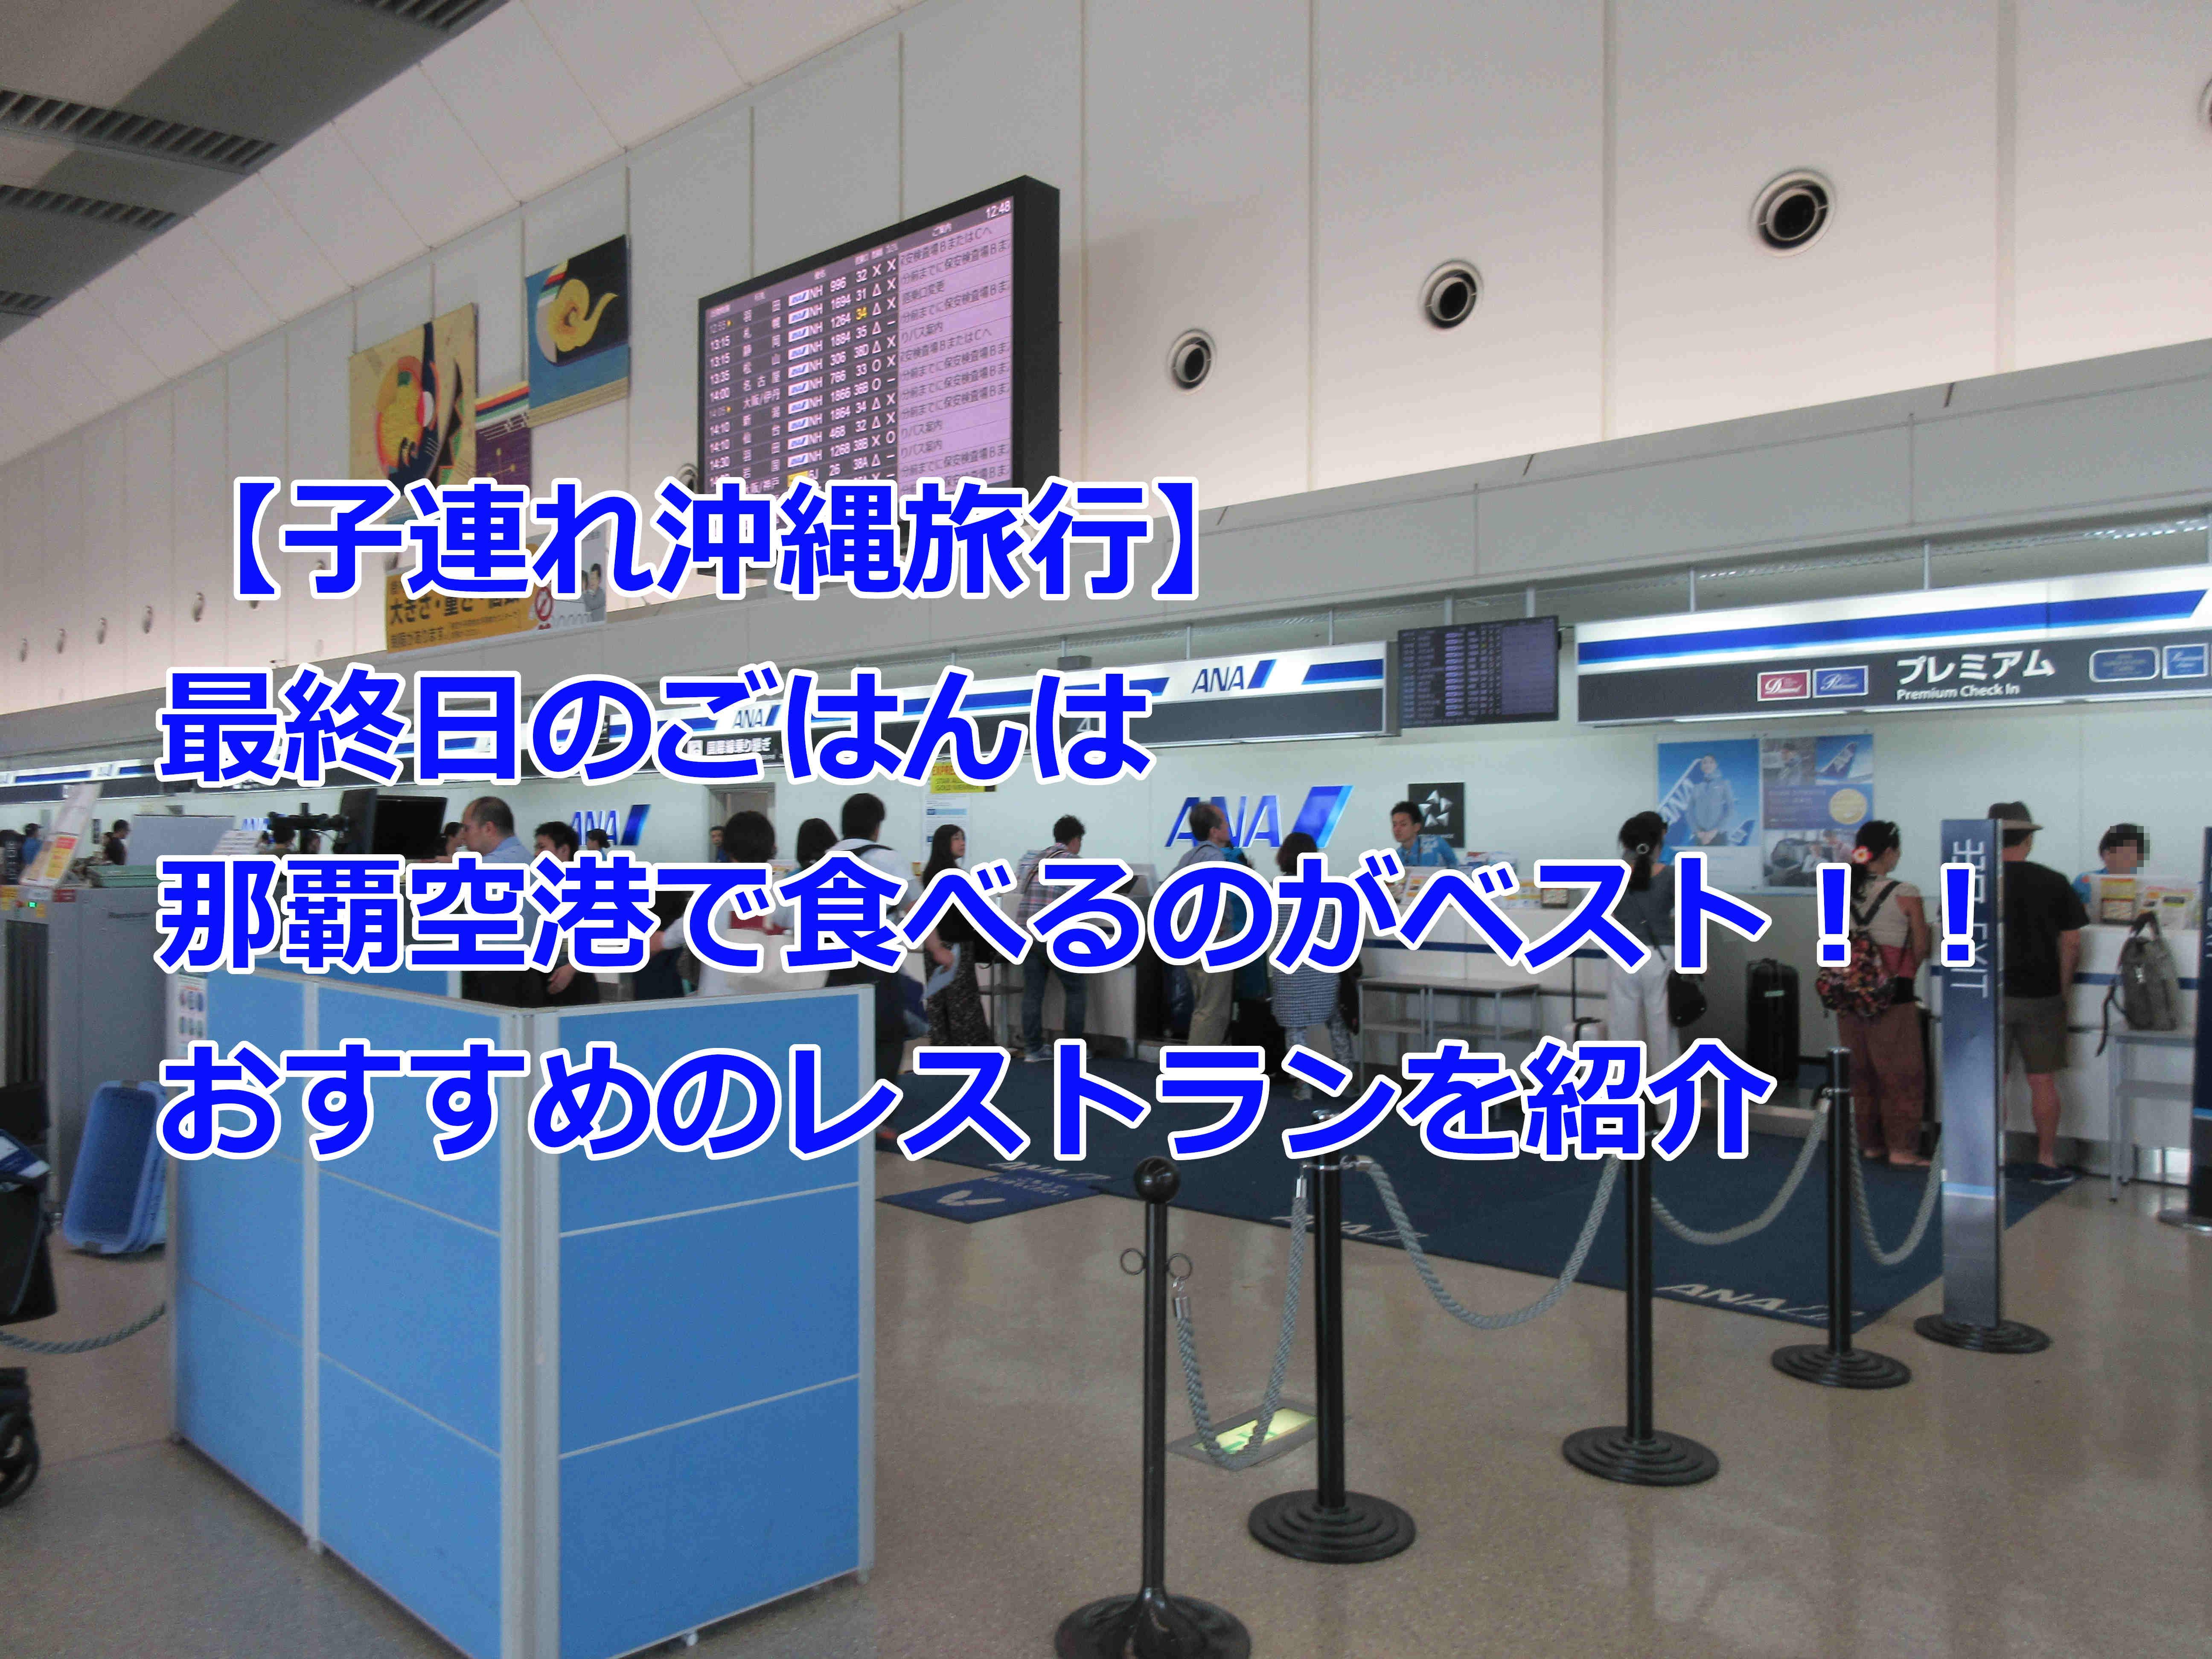 子連れ沖縄旅行の那覇空港での過ごし方